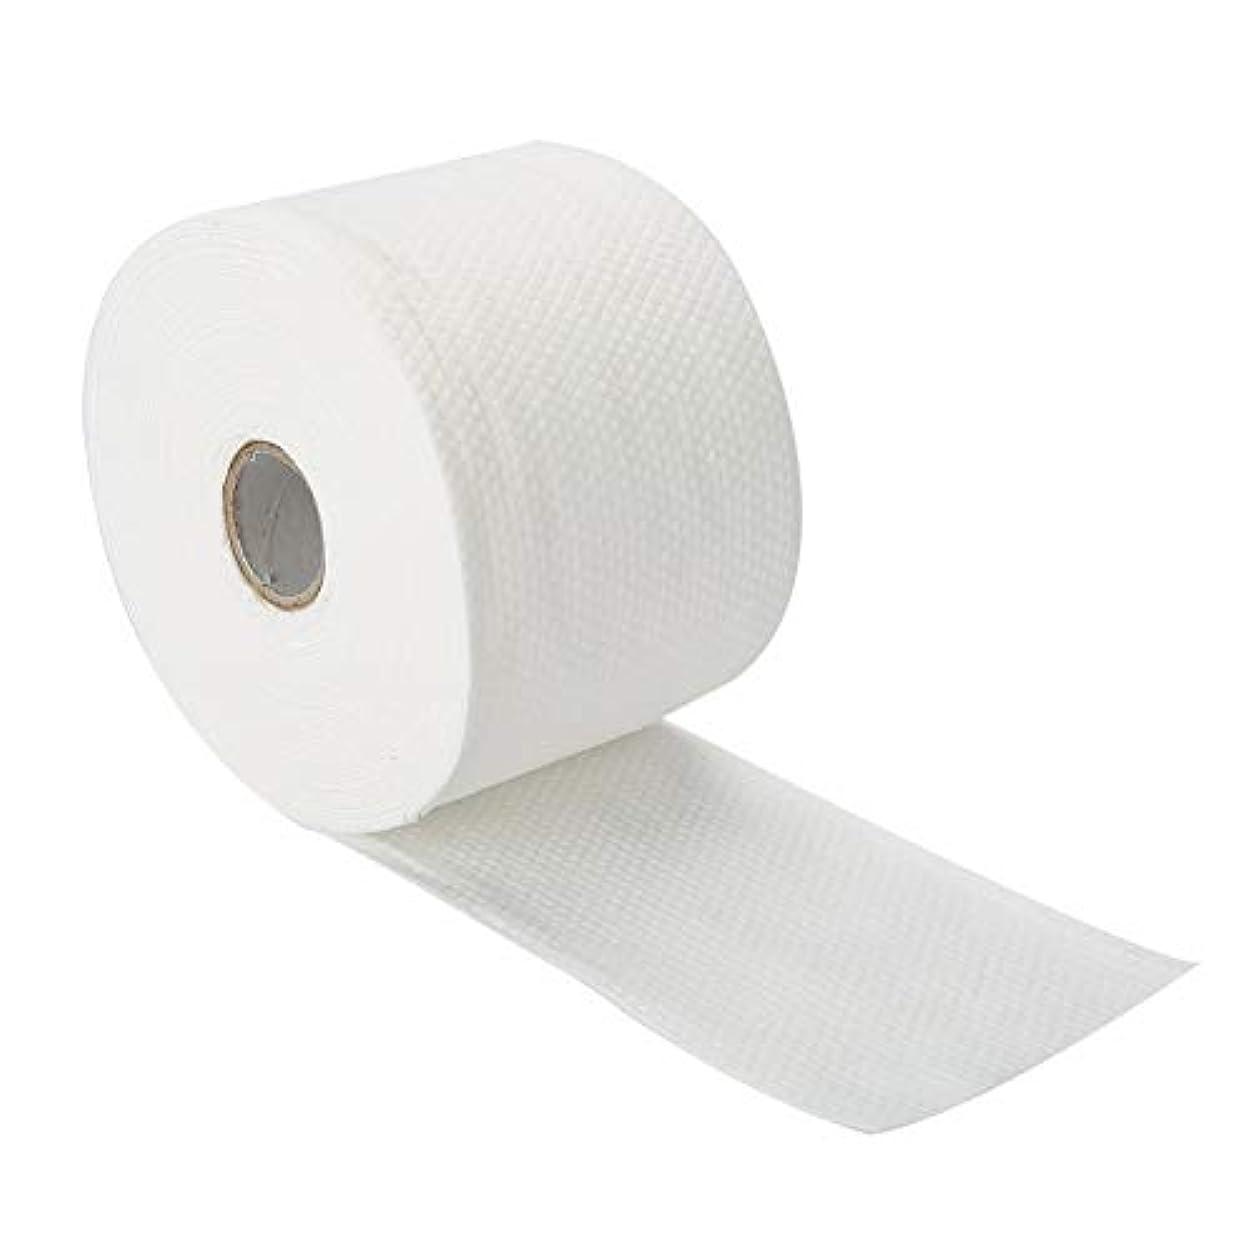 プロポーショナル頭痛気になる構造の使い捨て可能 表面 タオル 柔らかい Nonwoven クリーニングの化粧品の綿パッド25m